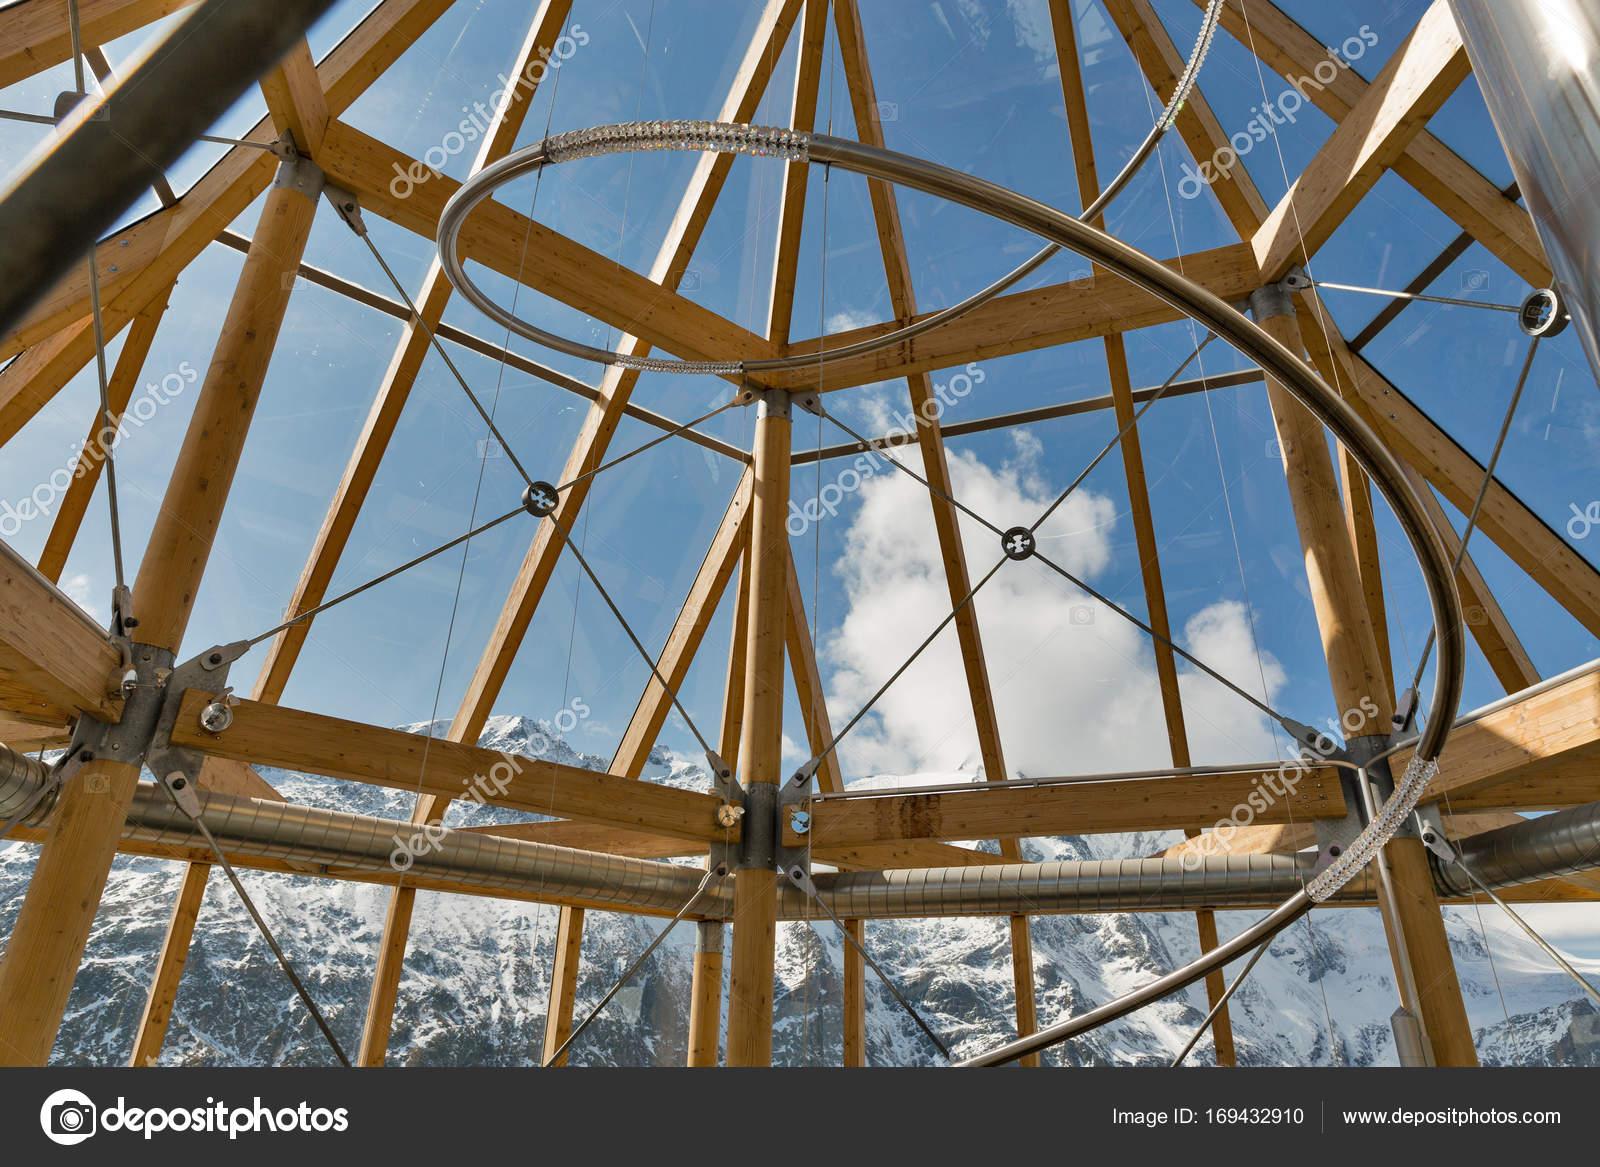 Swarowski observatie toren interieur op de grossglockner in